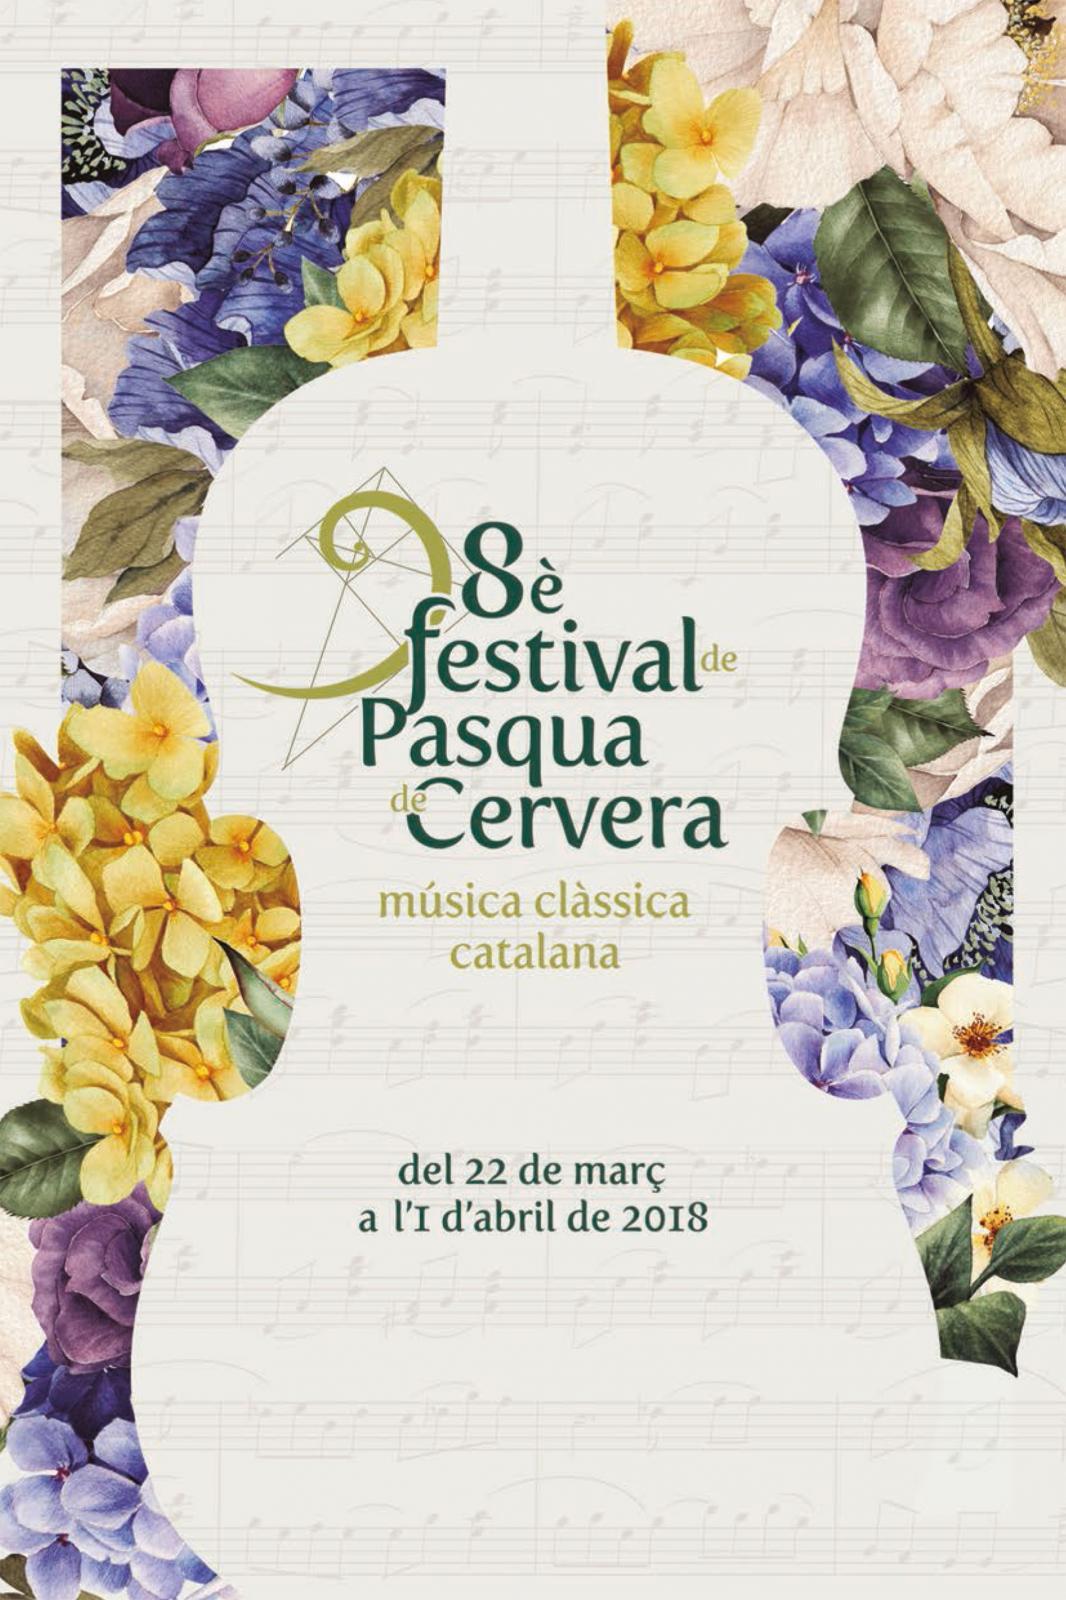 8è Festival de Pasqua de Cervera 2018